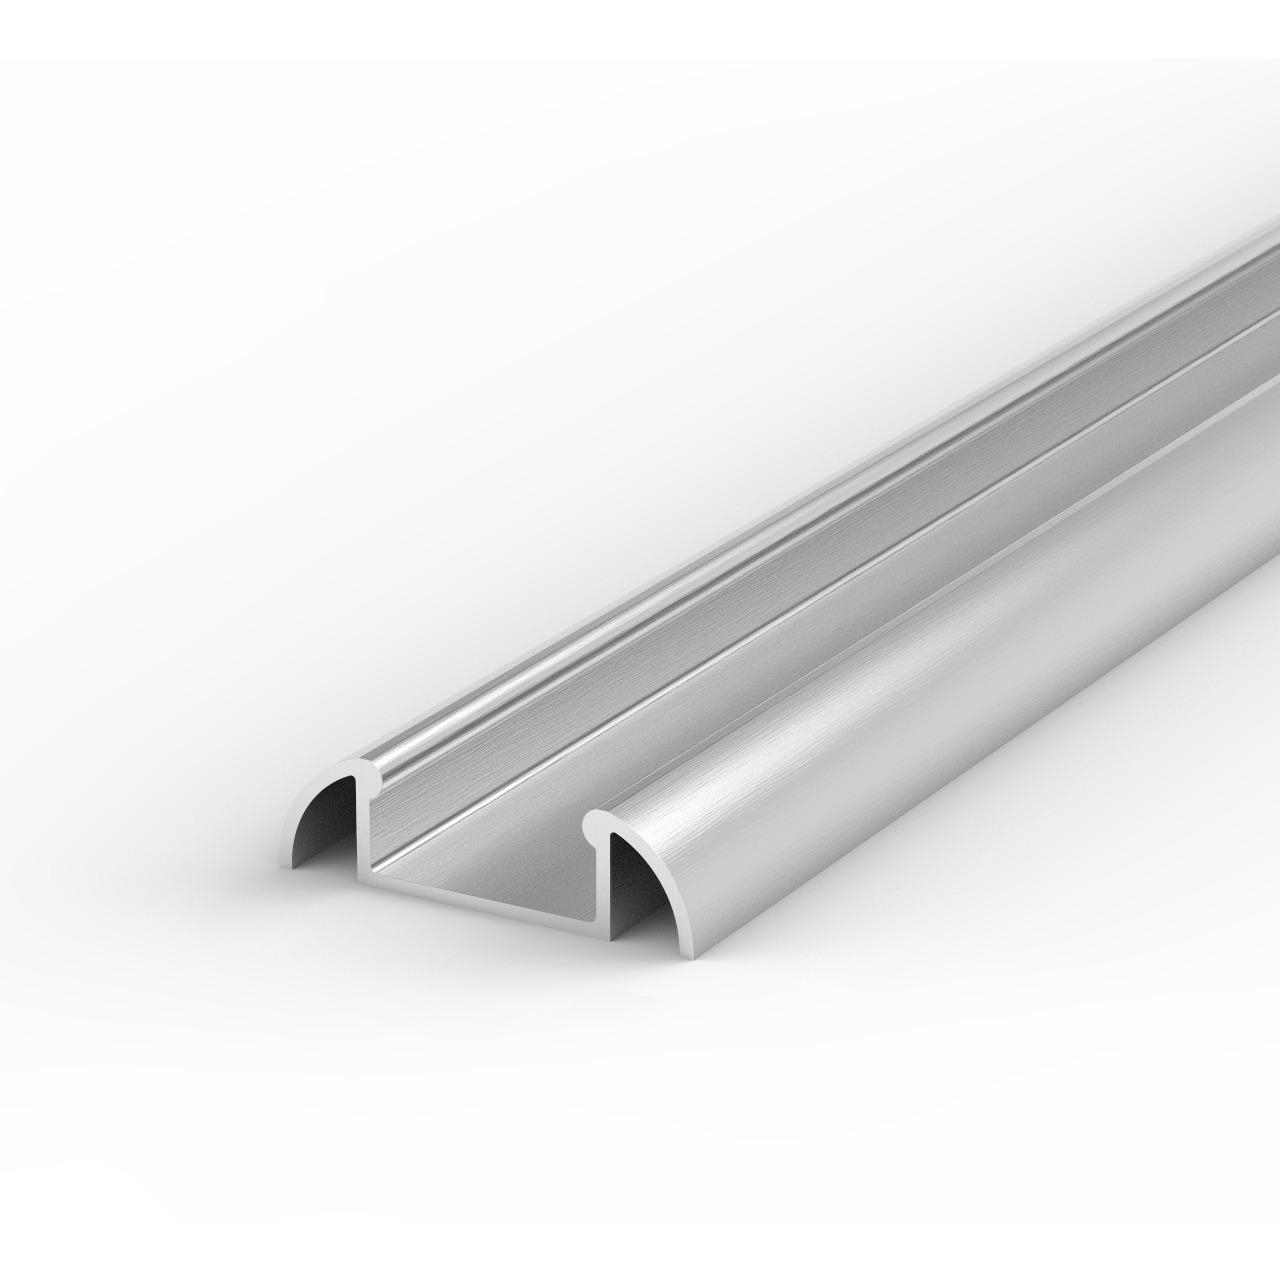 1-m-Aluminiumprofil P2-1 für LED-Streifen bis 12 mm Breite- mit matter Abdeckung- inkl- Endkappen